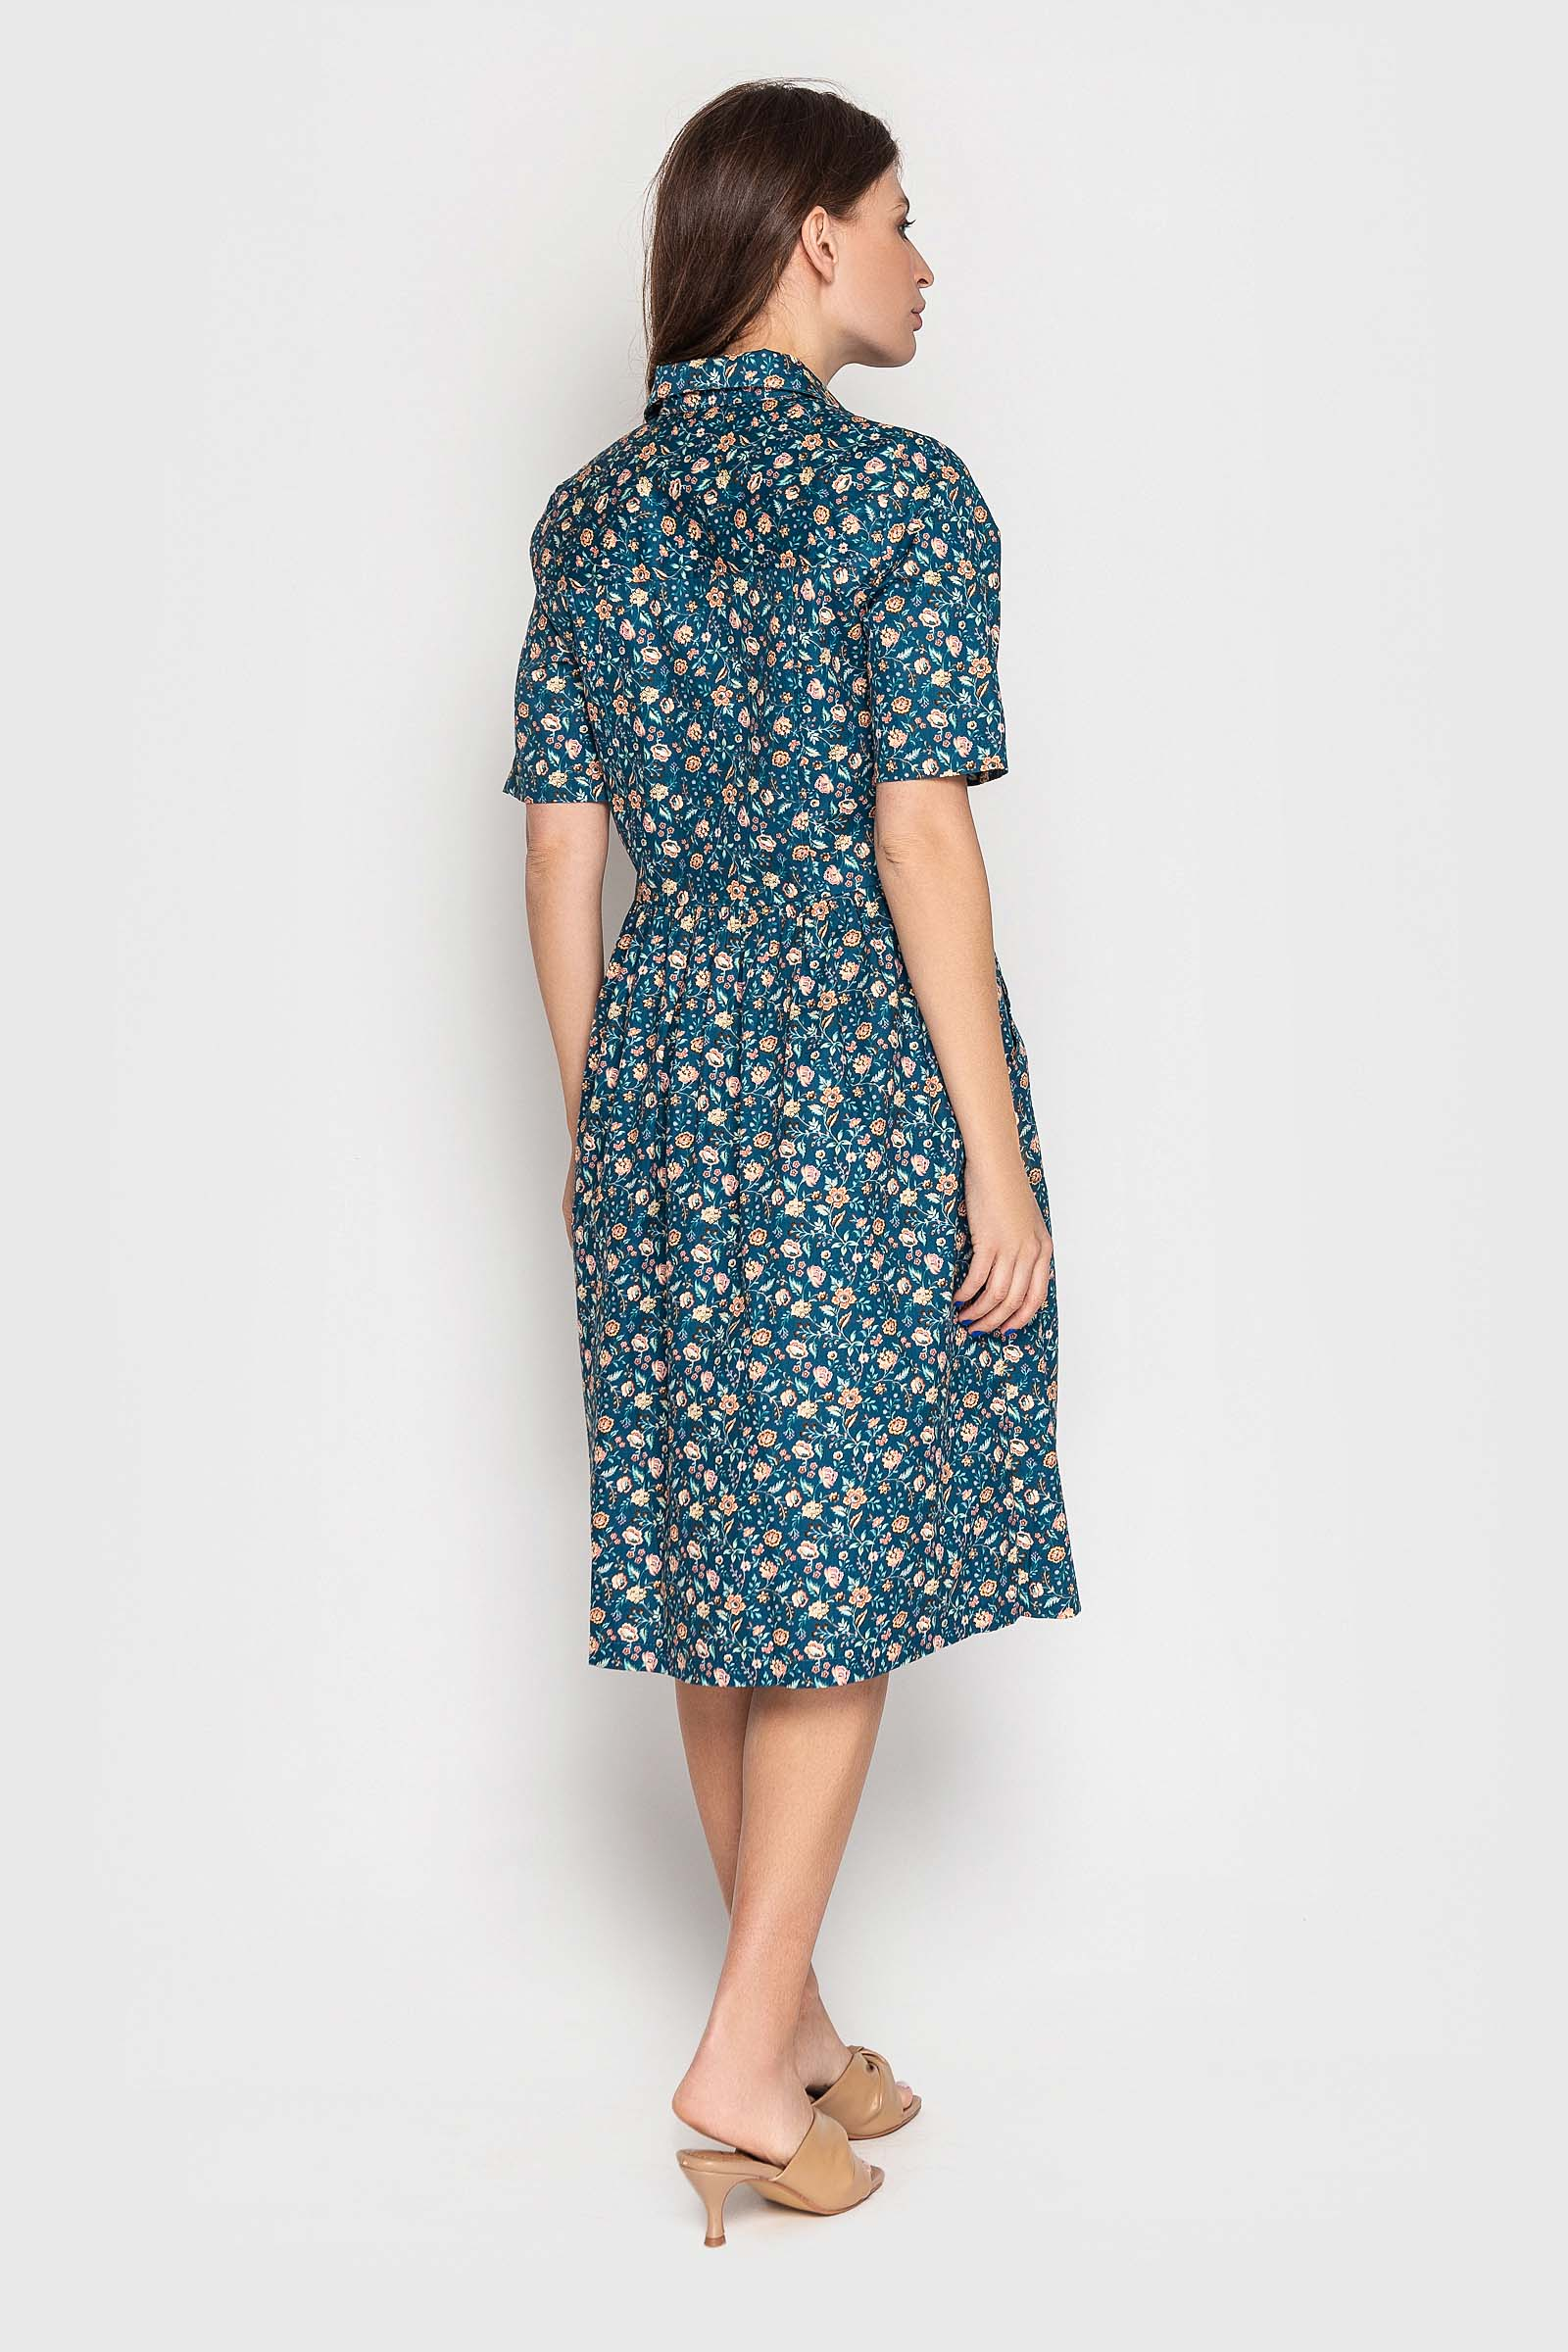 2021 04 10 poltava31044 Купить платье